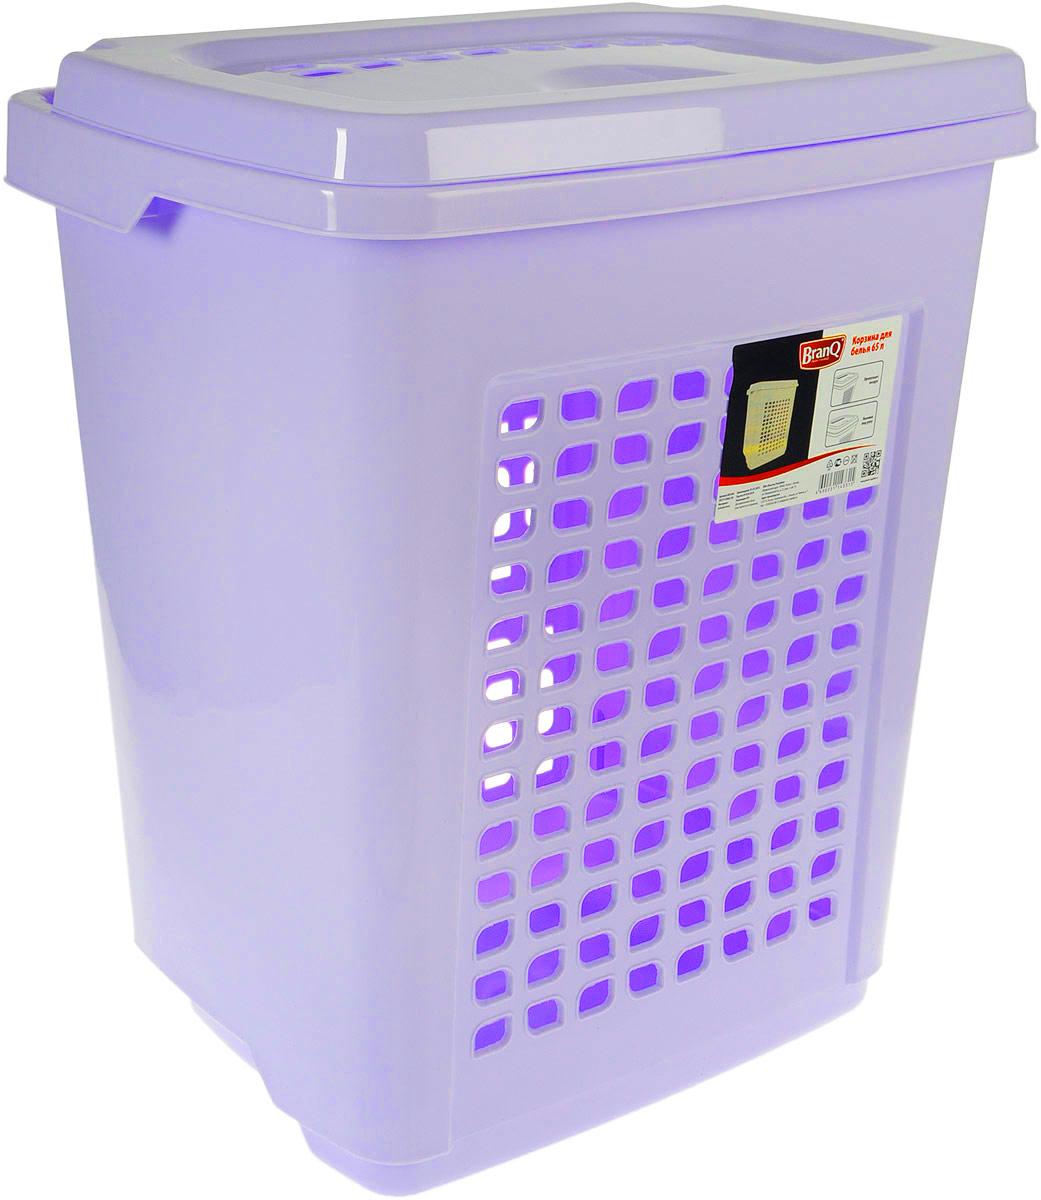 Корзина для белья BranQ, с крышкой, цвет: светло-сиреневый, 65 лCLP446Корзина для белья BranQ изготовлена из прочного пластика. Корзина пропускает воздух, устойчива к перепадам температур и влажности, поэтому идеально подходит для ванной комнаты. Изделие оснащено выемками под руки и крышкой. Можно использовать для хранения белья, детских игрушек, домашней обуви и прочих бытовых вещей. Элегантный дизайн подойдет к интерьеру любой ванной.